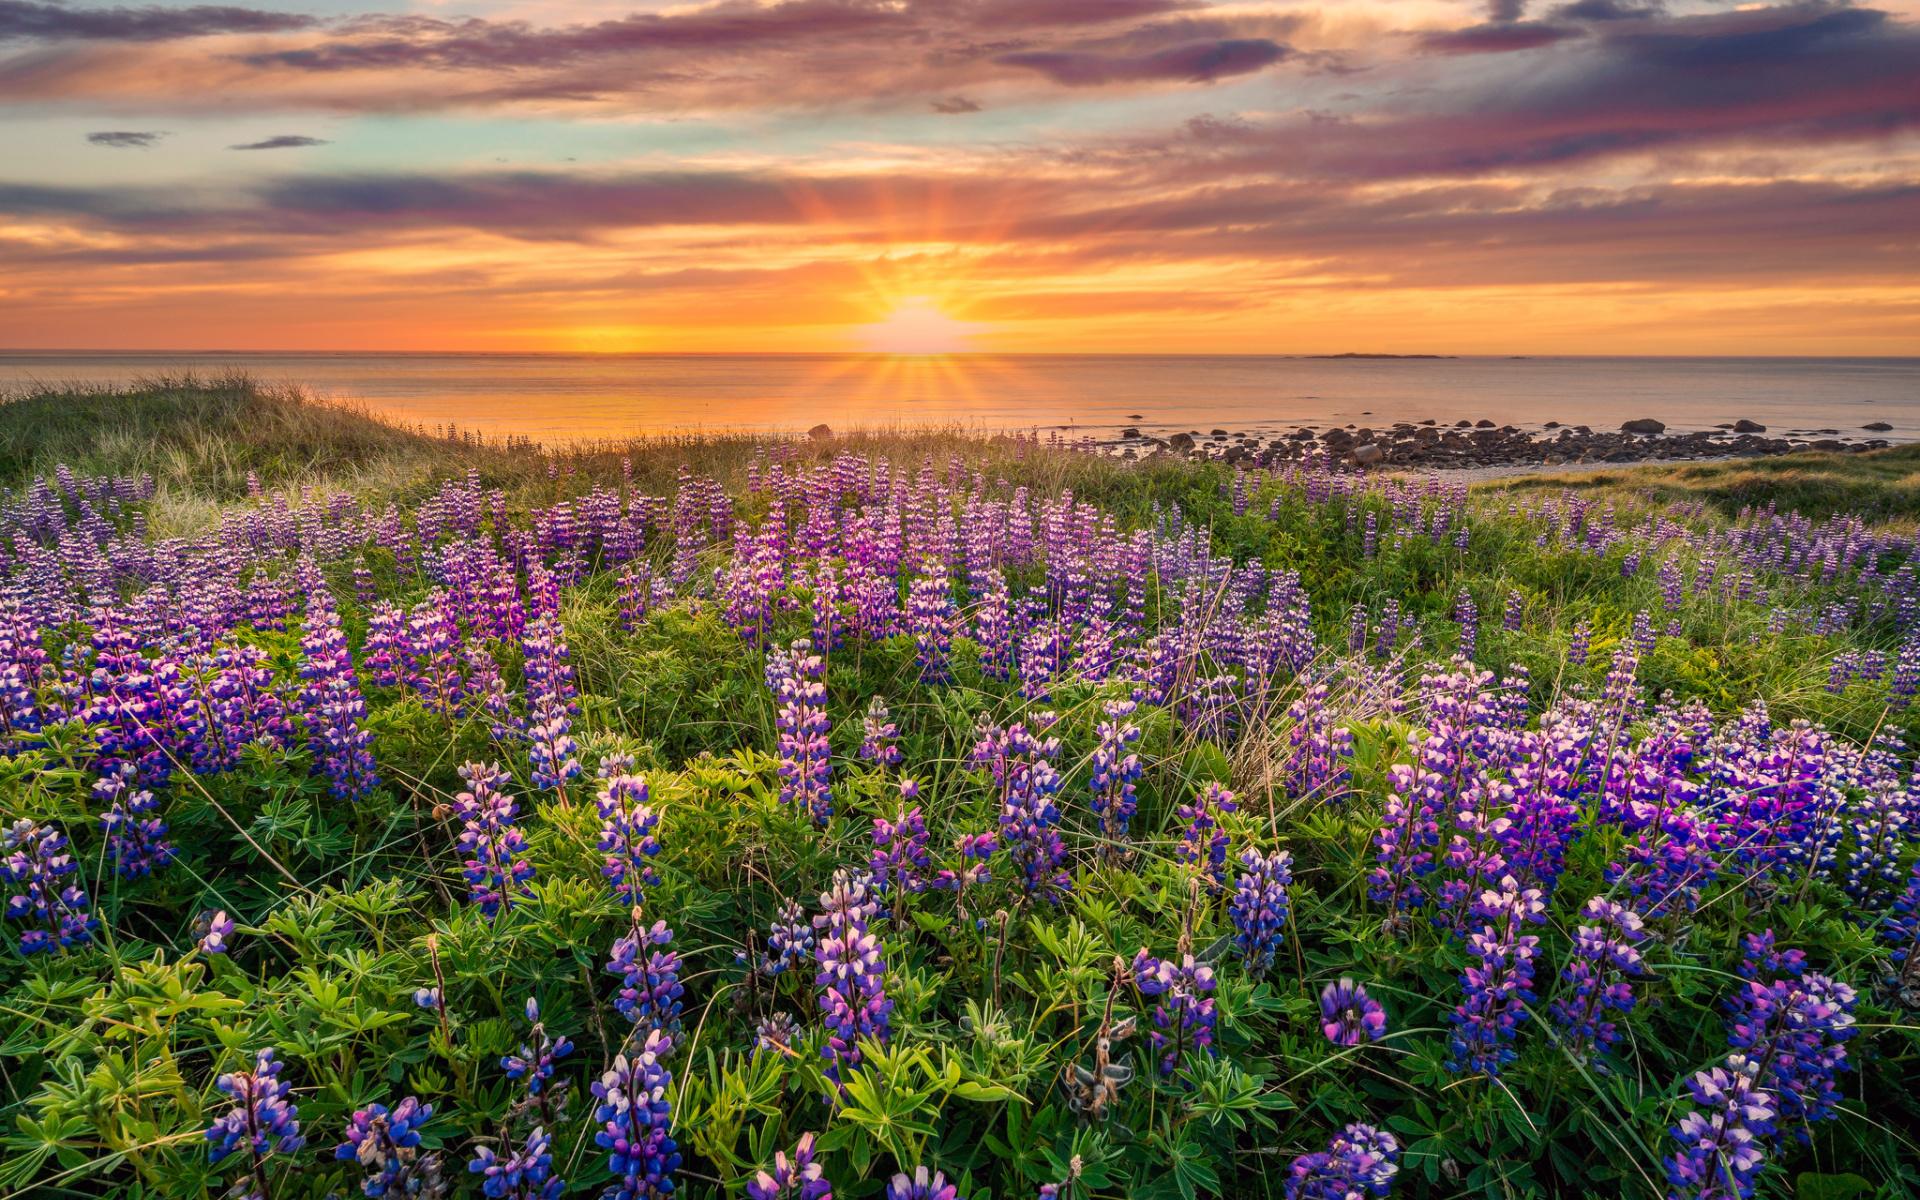 закат, вечер, луг, цветы, море